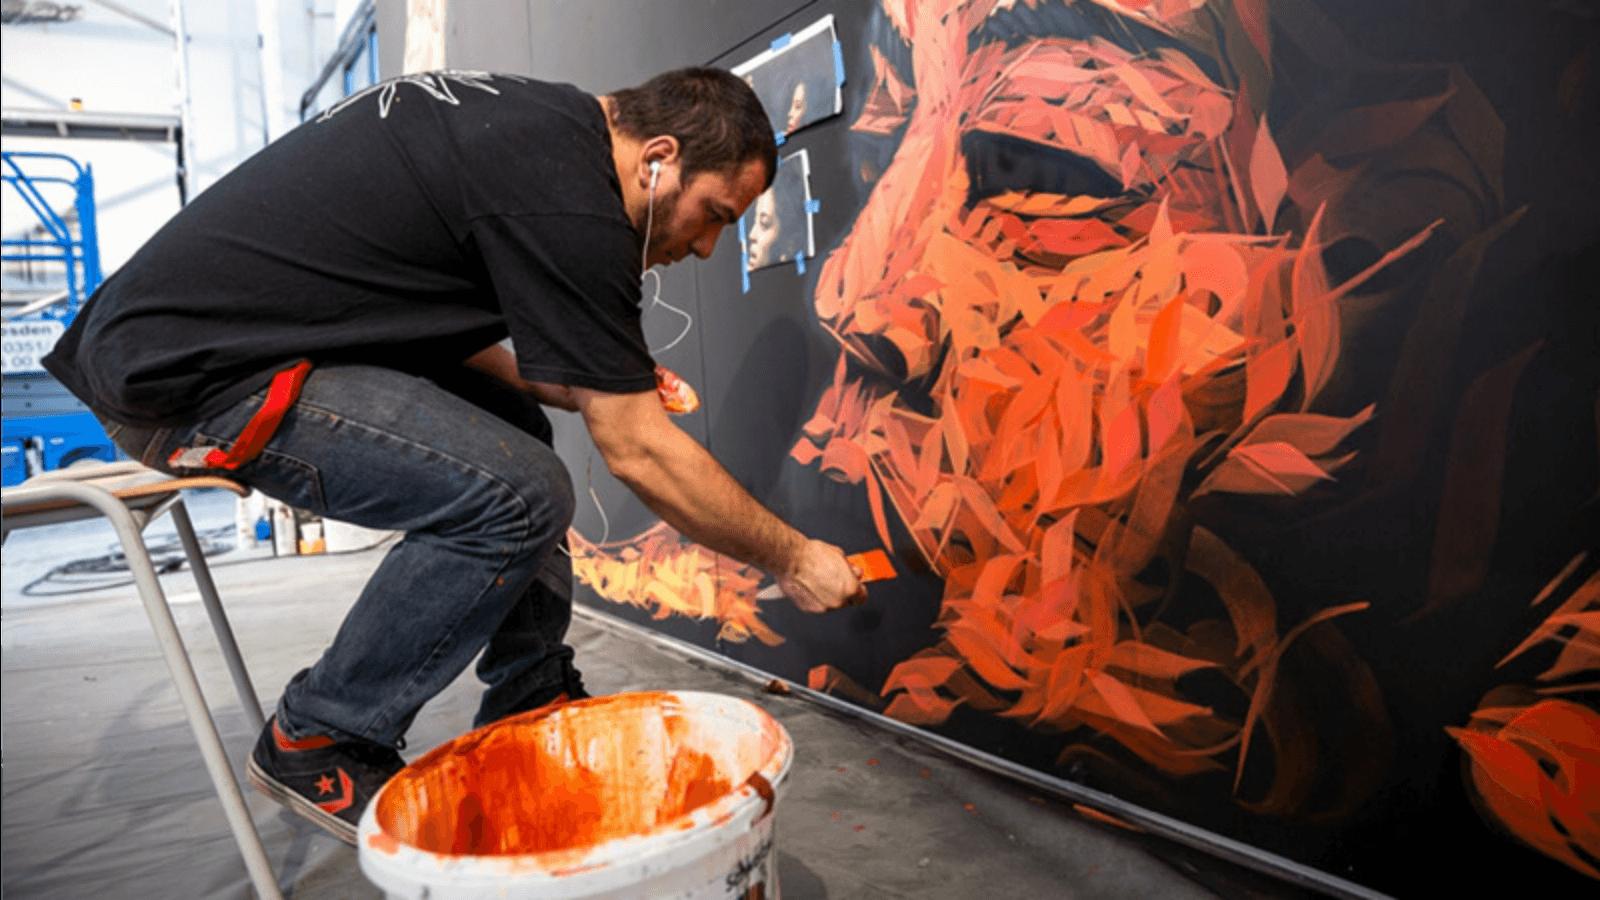 Artistas mexicanos exponen junto a Banksy en Europa